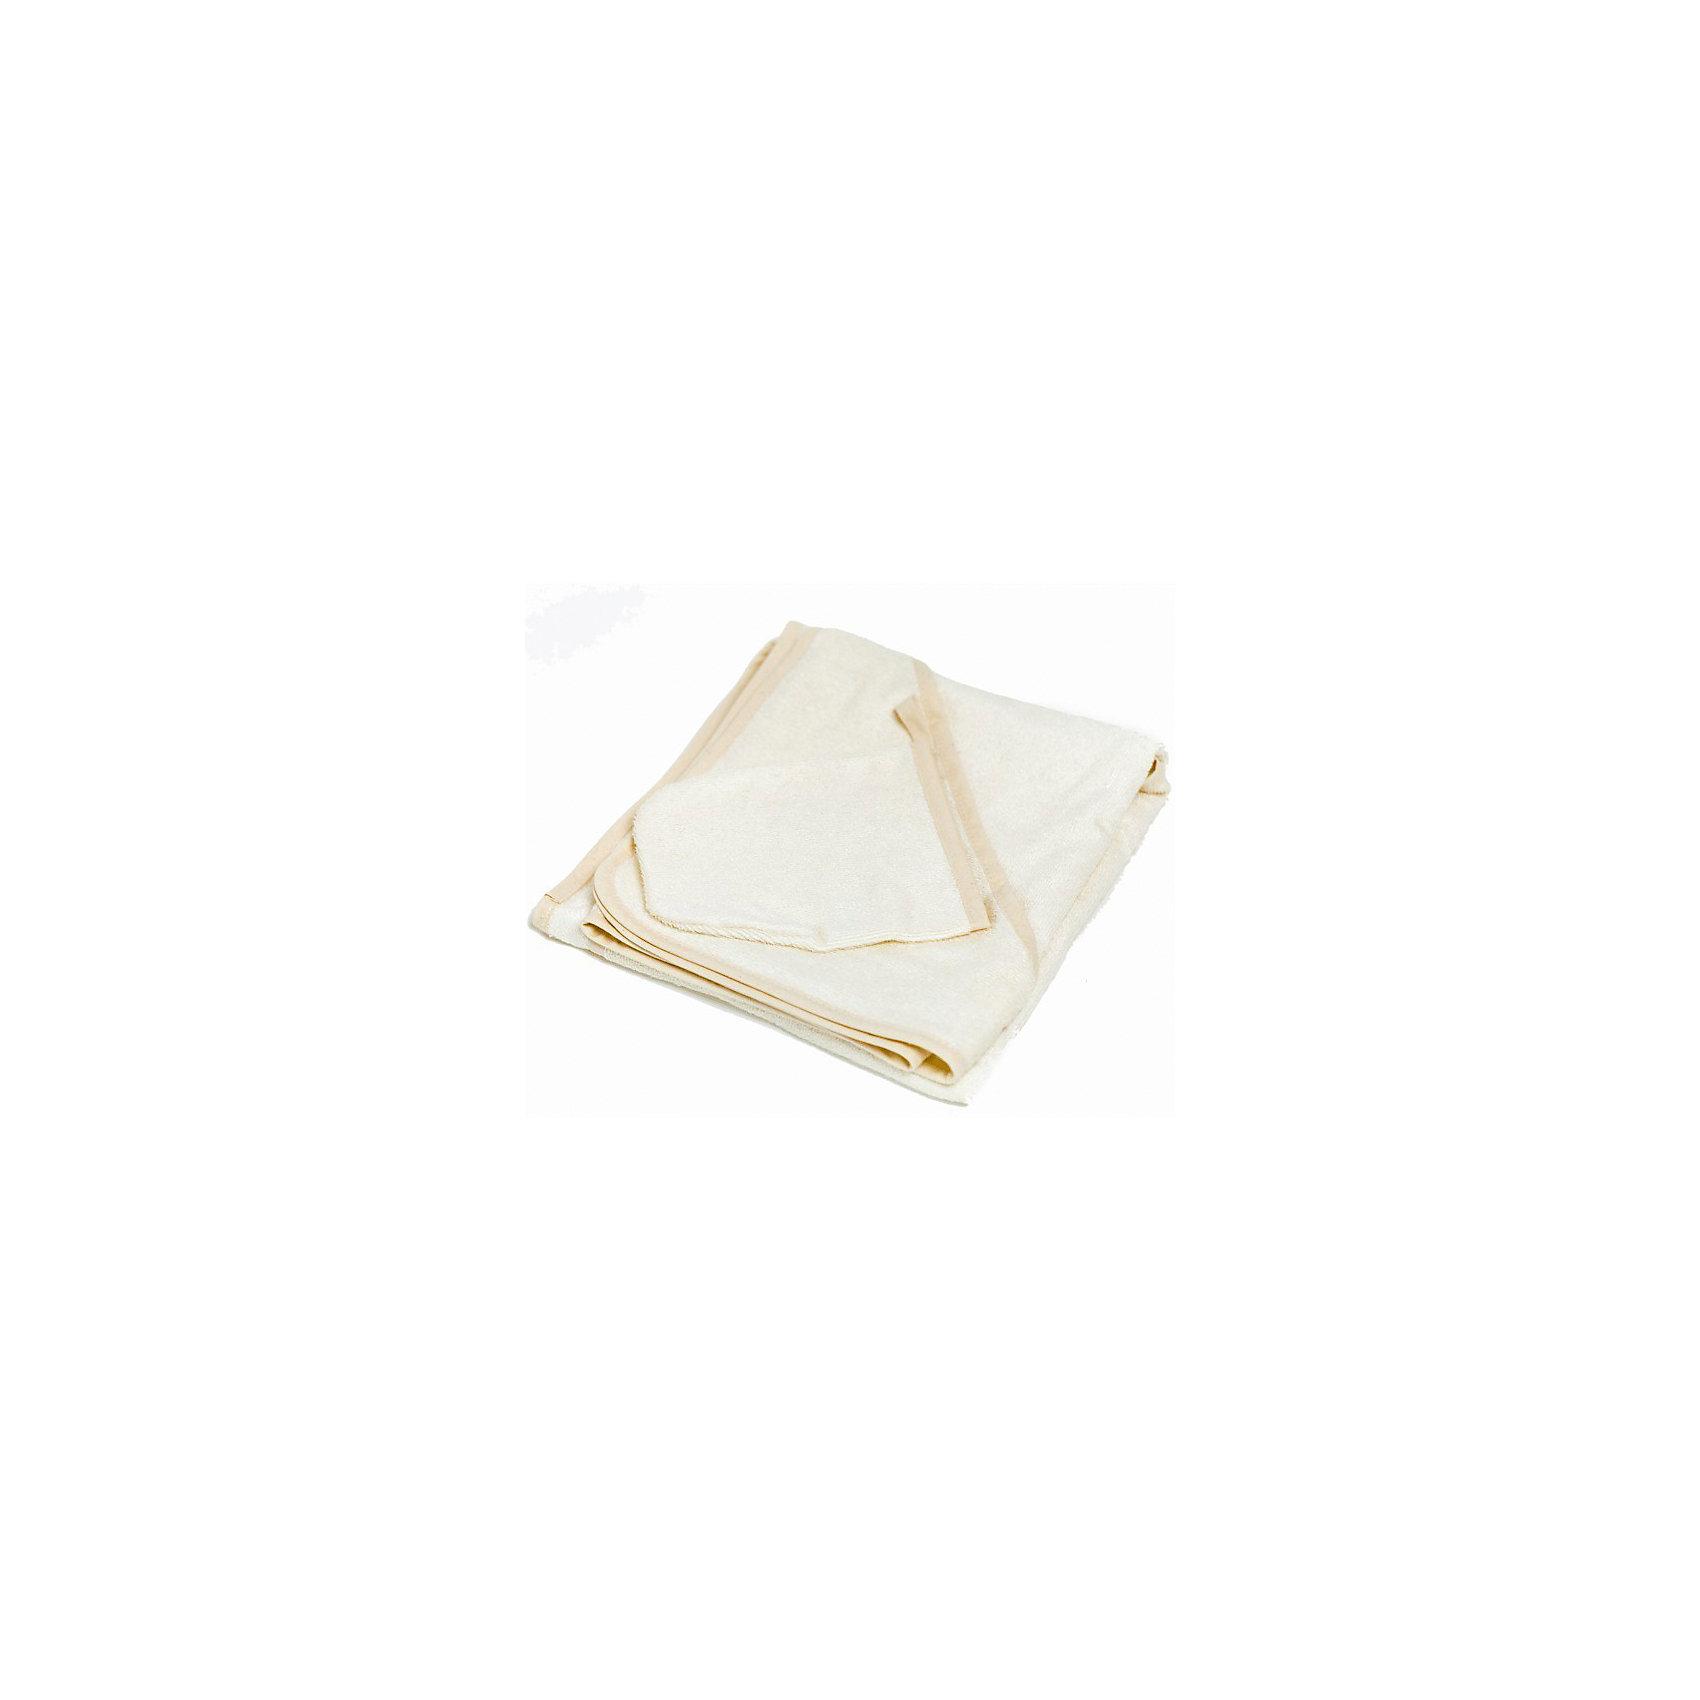 Махровое полотенце 100/100, Italbaby, бежевыйПолотенца, мочалки, халаты<br>Красивое махровое полотенце в бежевом цвете для Вашего ребенка!<br>Полотенце сделано с уголком, который после купания можно накинуть на голову малыша.<br>В наборе: махровое полотенце (100х100 см.) и варежка из 100% натурального бамбукового волокна.<br><br>Дополнительная информация:<br><br>- Материал: 100% натуральное бамбуковое махровое волокно.<br>- Габариты: 100х100 см.<br>- Цвет: бежевый.<br><br>Купить махровое полотенце Italbaby, можно в нашем магазине.<br><br>Ширина мм: 1000<br>Глубина мм: 1000<br>Высота мм: 10<br>Вес г: 300<br>Возраст от месяцев: 0<br>Возраст до месяцев: 24<br>Пол: Унисекс<br>Возраст: Детский<br>SKU: 5093573